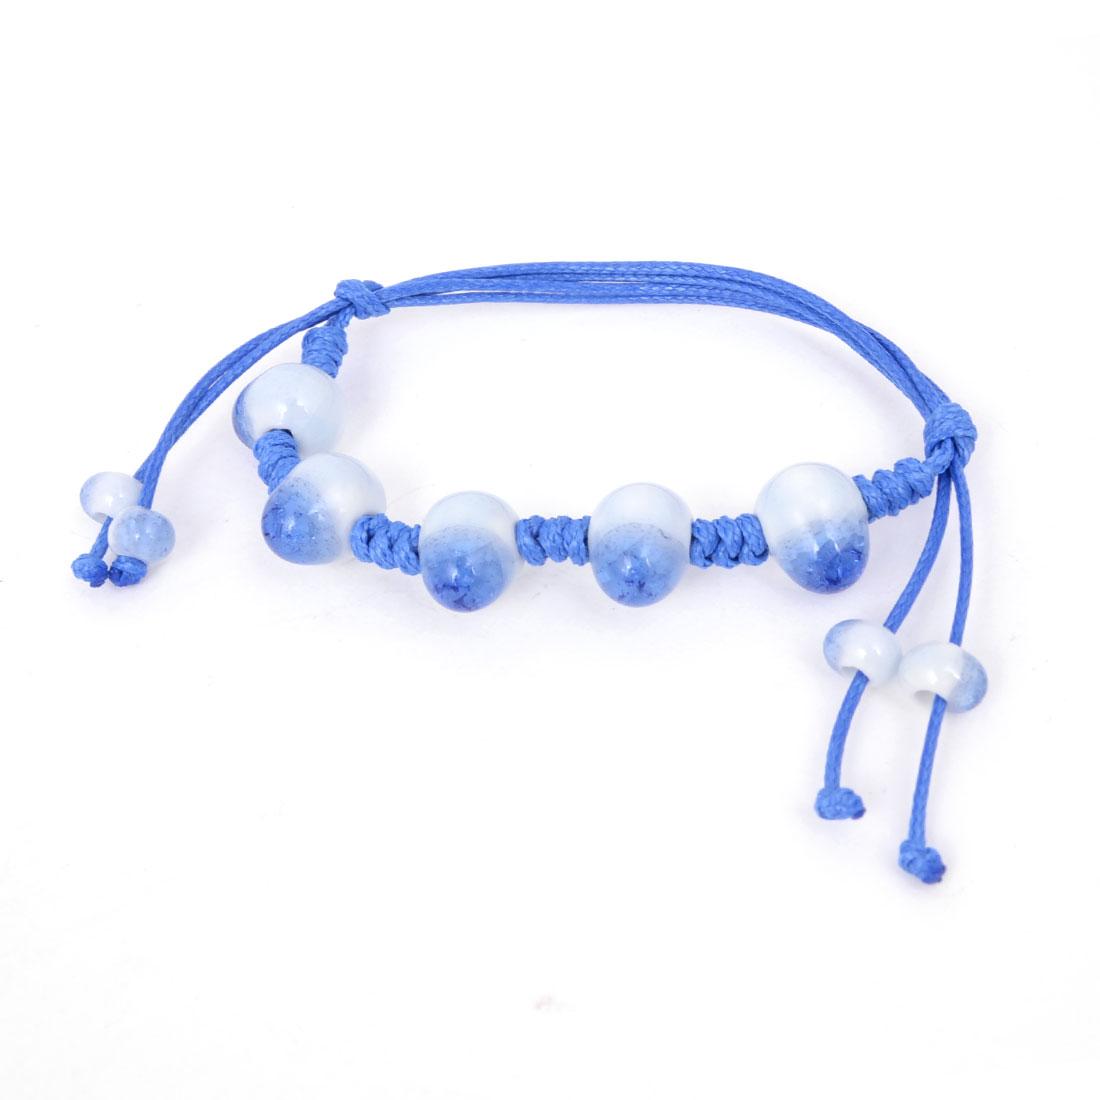 Hand Knitting Fibre Braid Wristband Beaded Ceramic Bracelet Blue White for Women